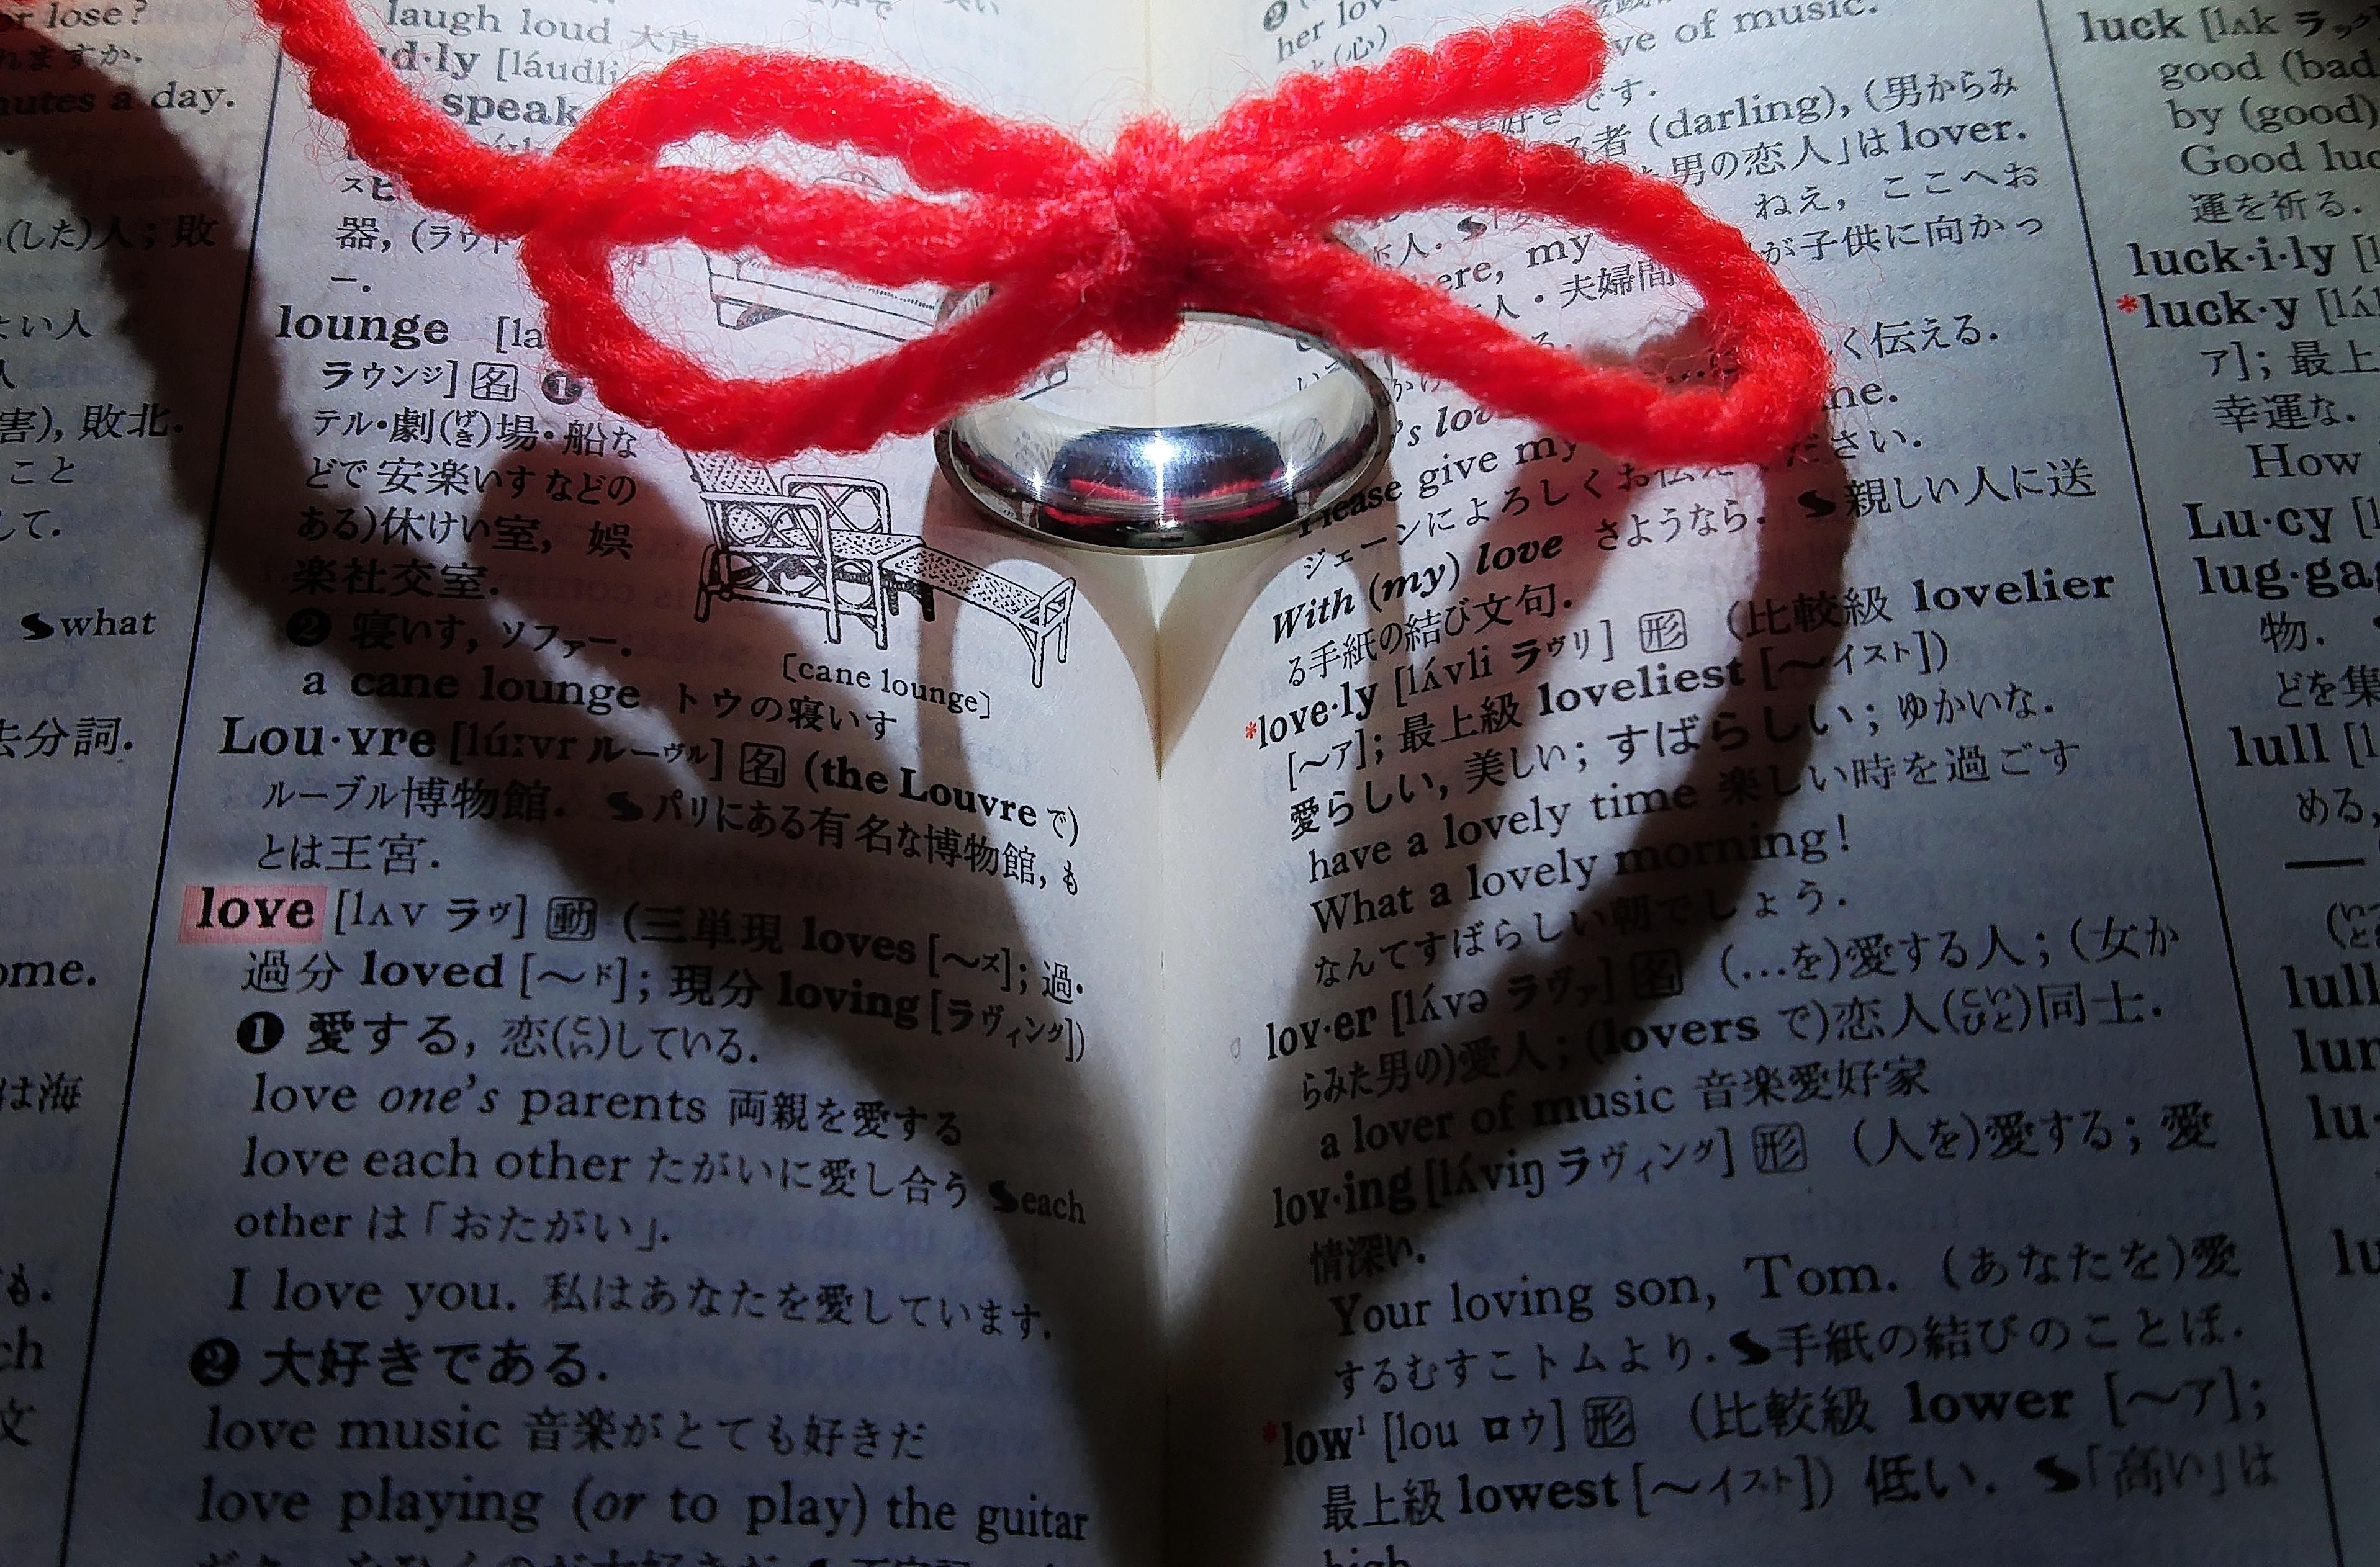 なだぎ武さん、渡邊安理さんと結婚!友近さんは?